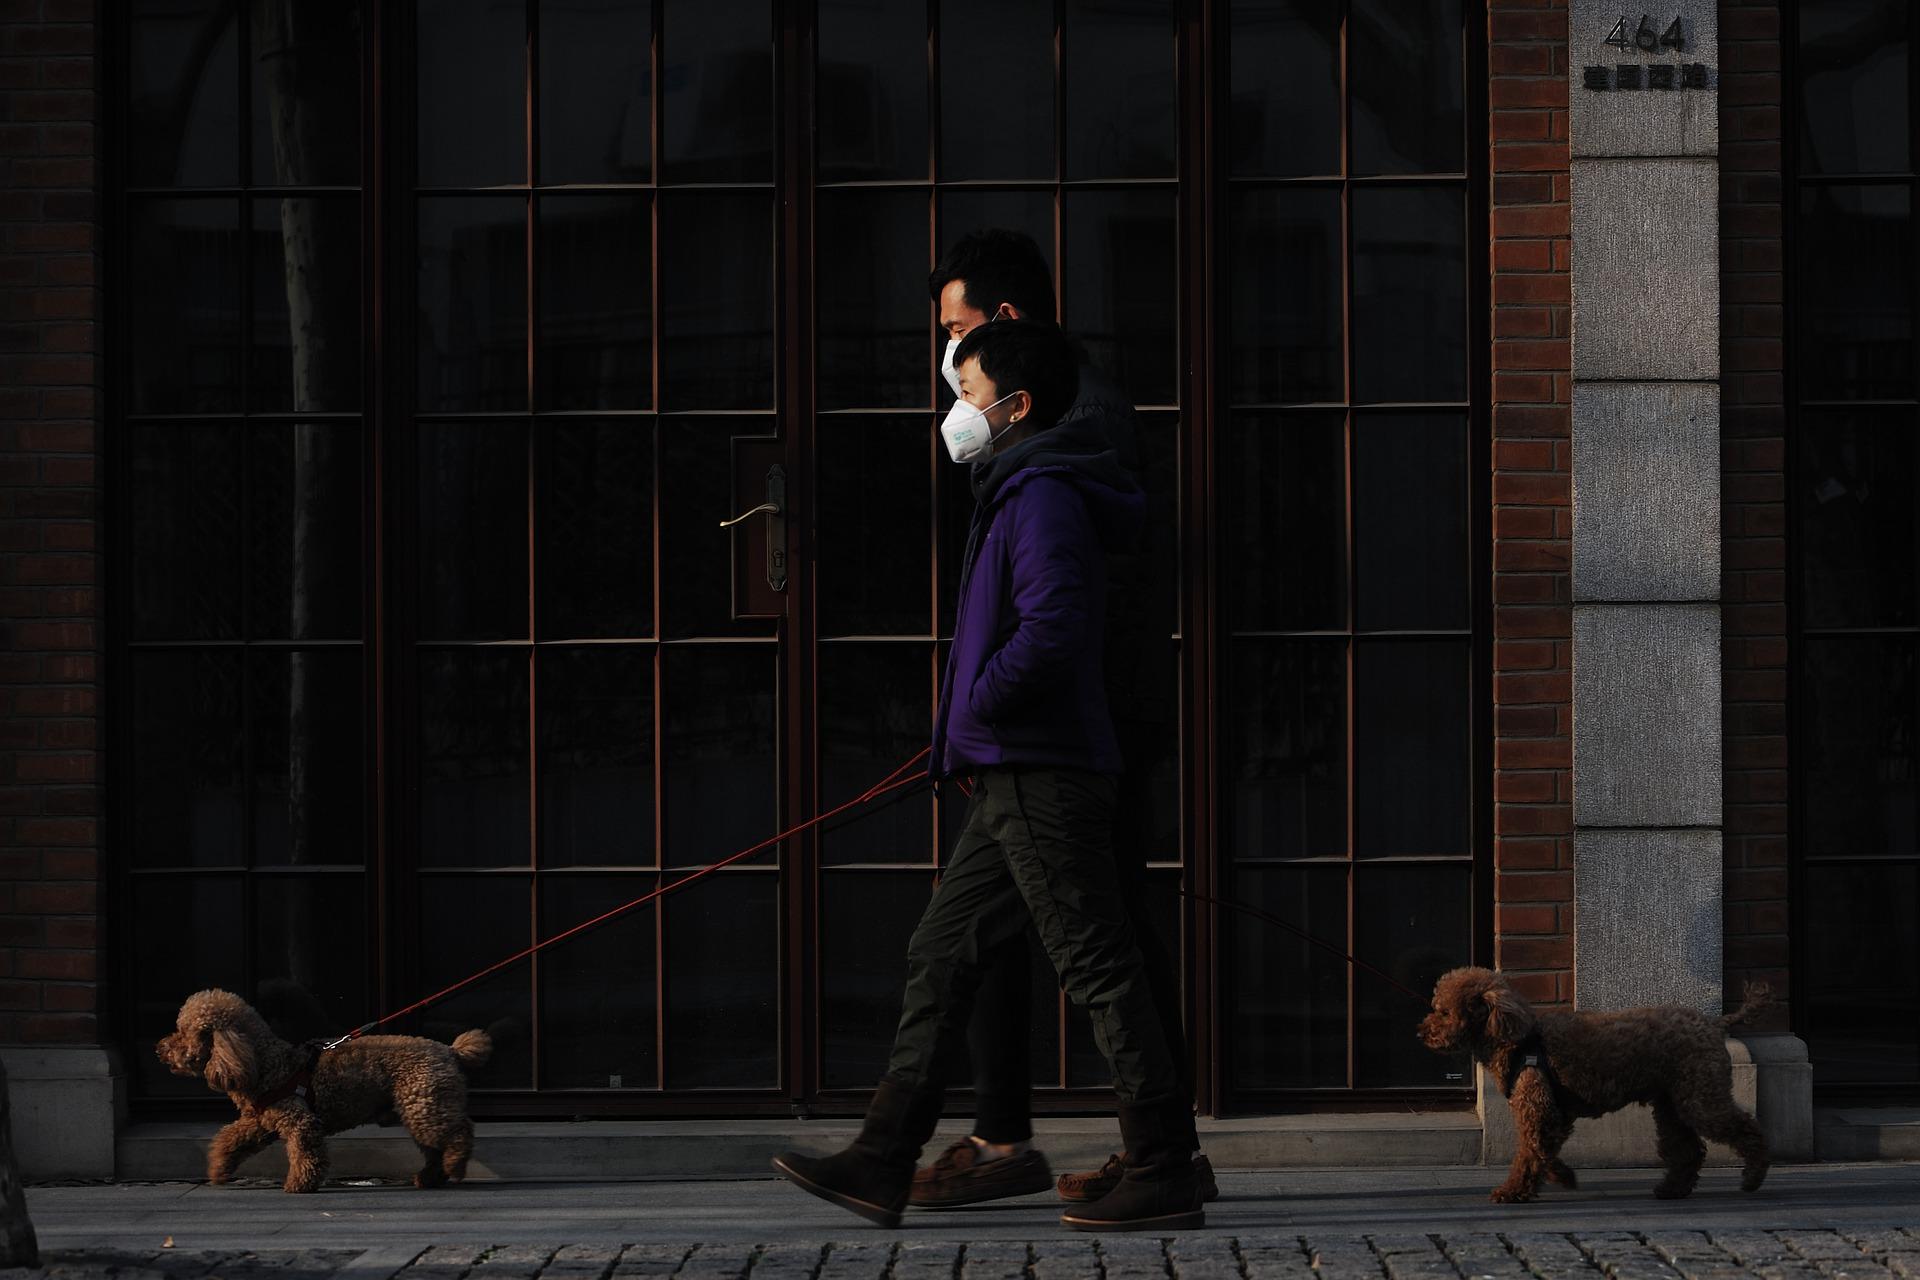 Így sétáltasd a kutyádat kijárási tilalom idején!